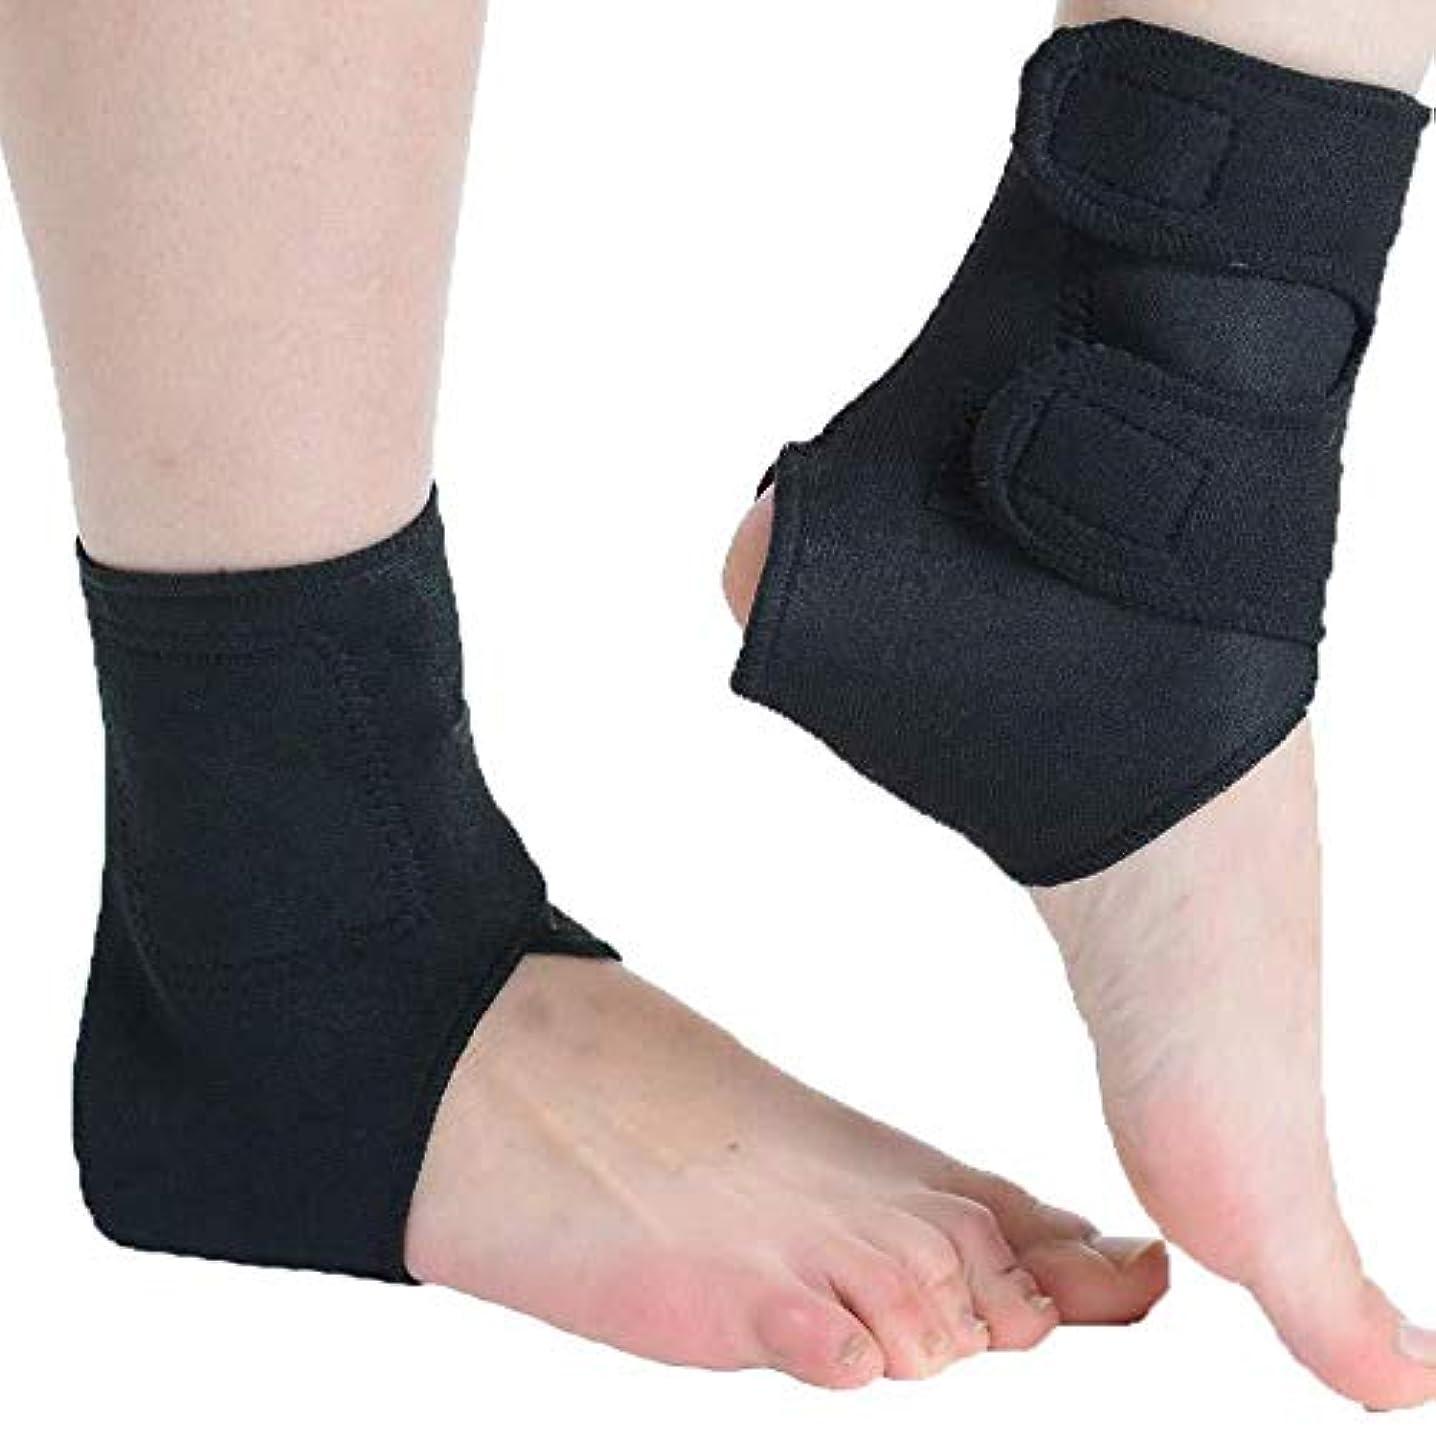 胃努力再発するつま先セパレーター、歩行、ランニング、休息、つま先パッド用の矯正用つま先セパレーター。足の痛みを和らげます